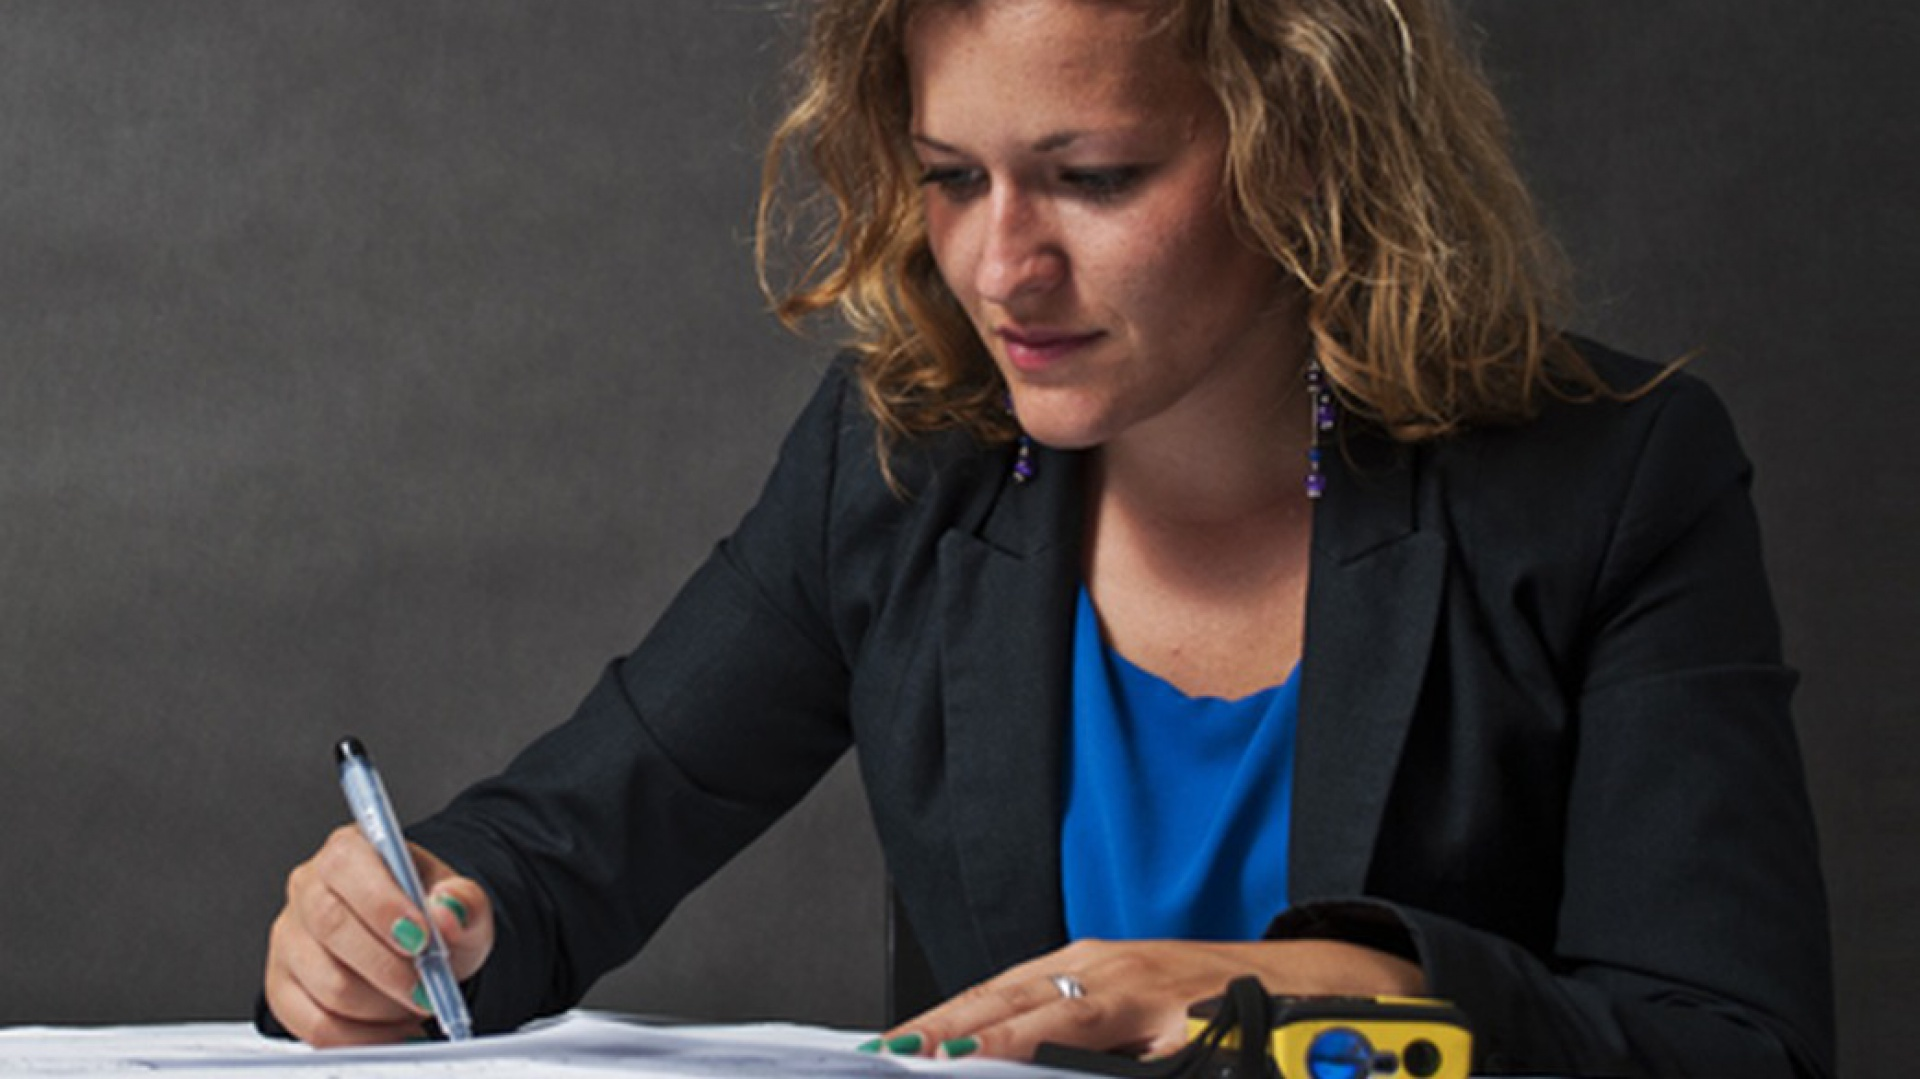 Anna Ryplewska z biura projektowego Pracownia Aranżacja. Fot. admolto.com